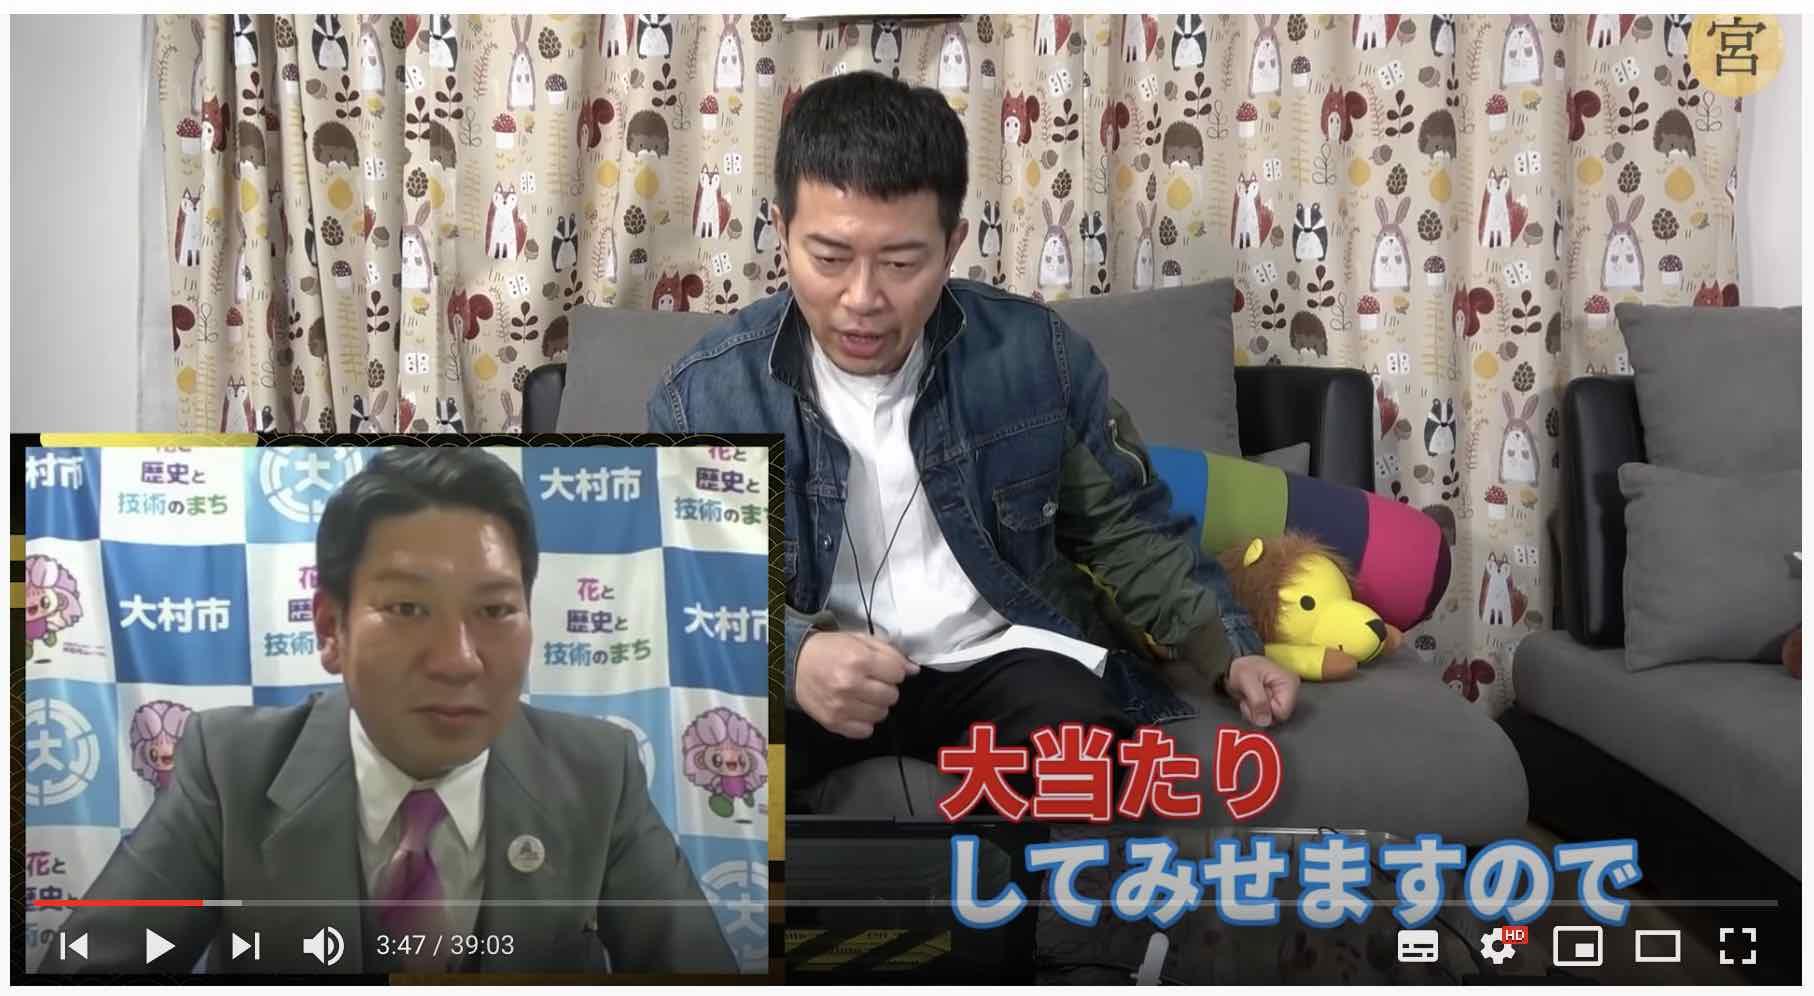 お笑い宮迫と大村市の市長とのオンライン対談